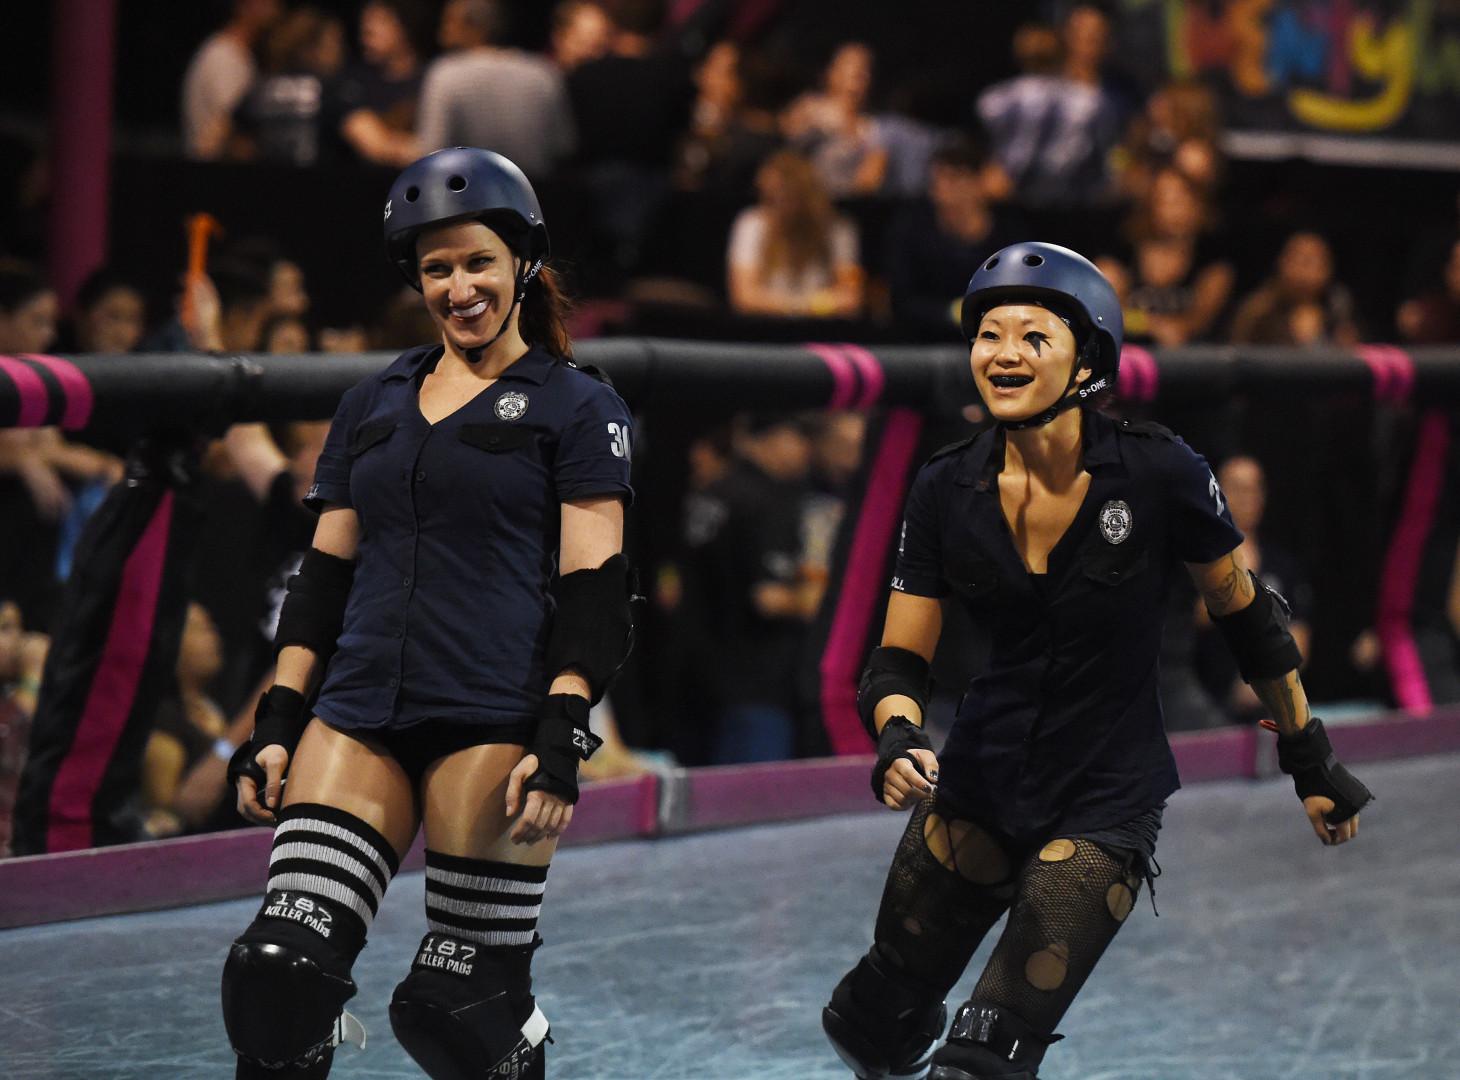 Le roller derby, un sport de contacts